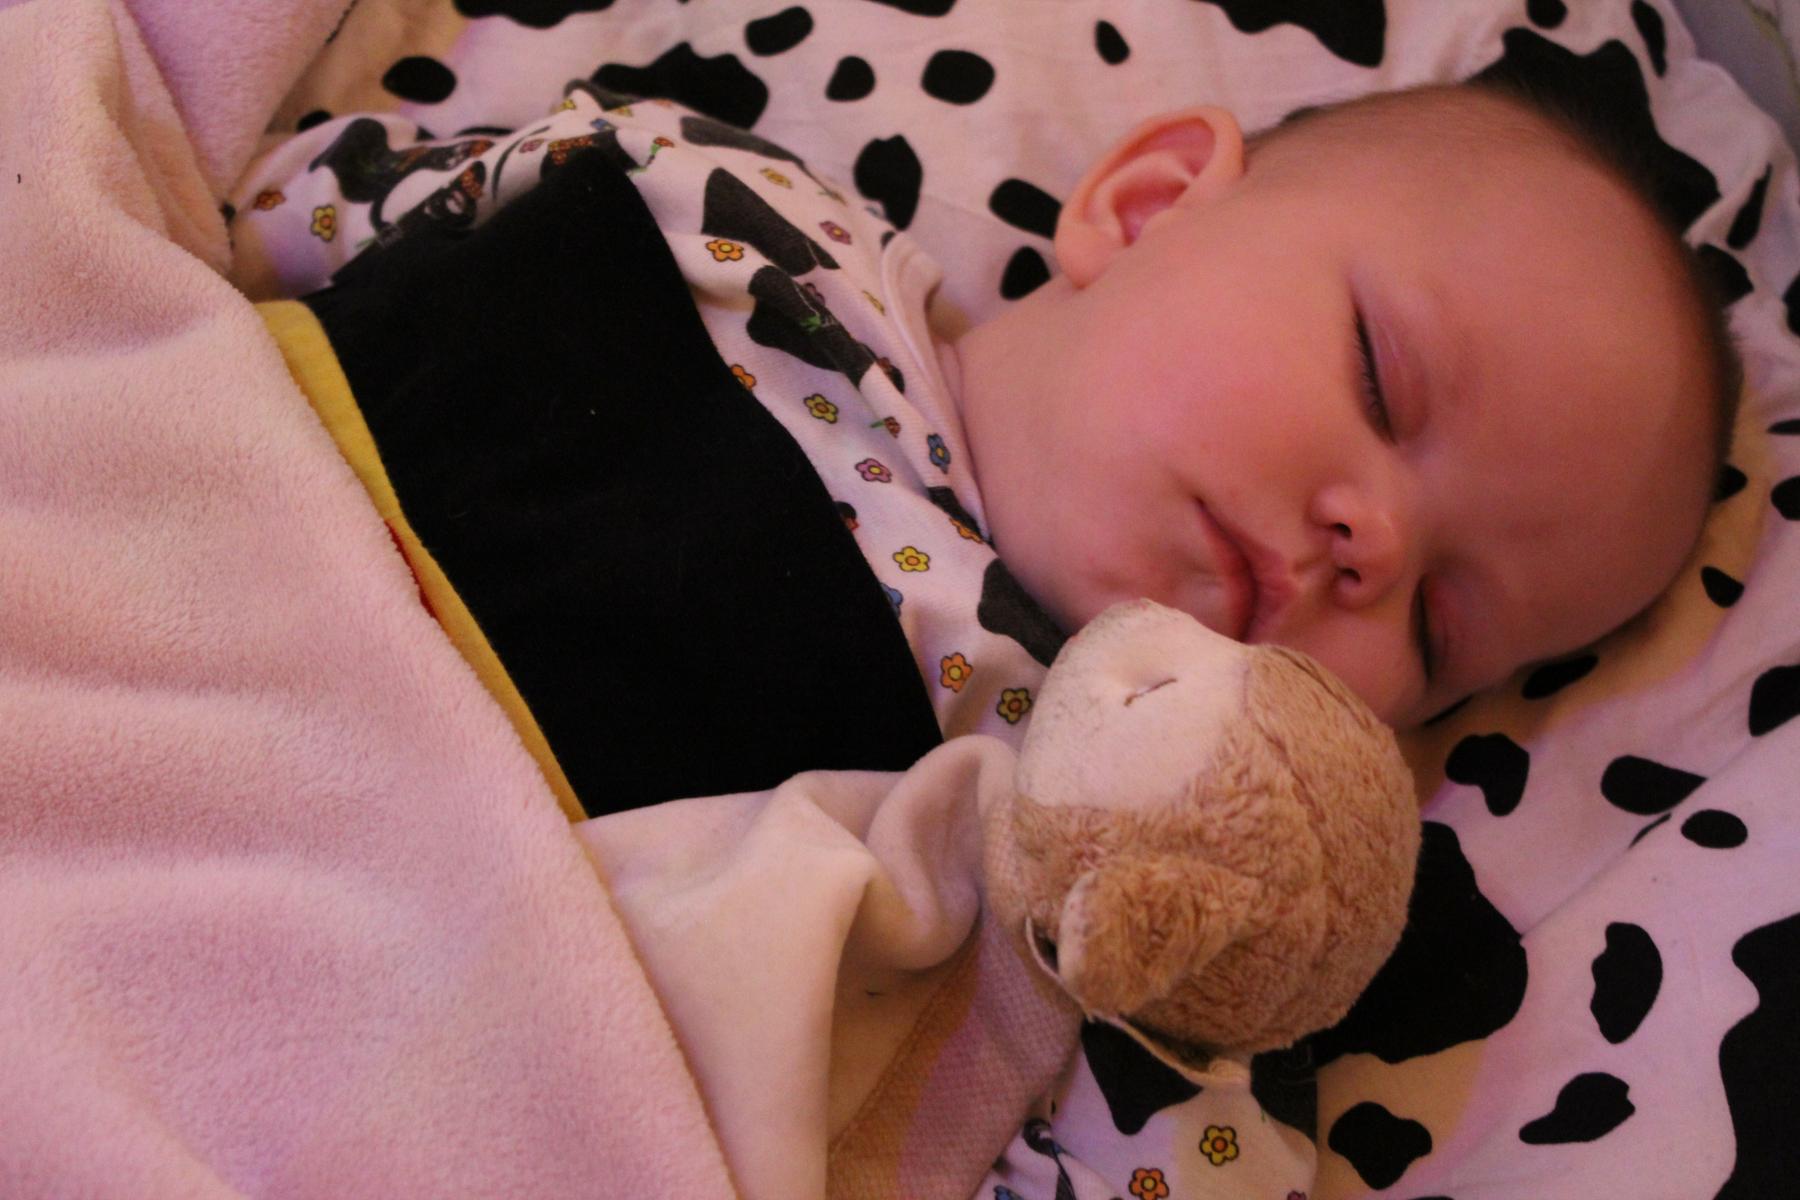 Bilde av sovende baby